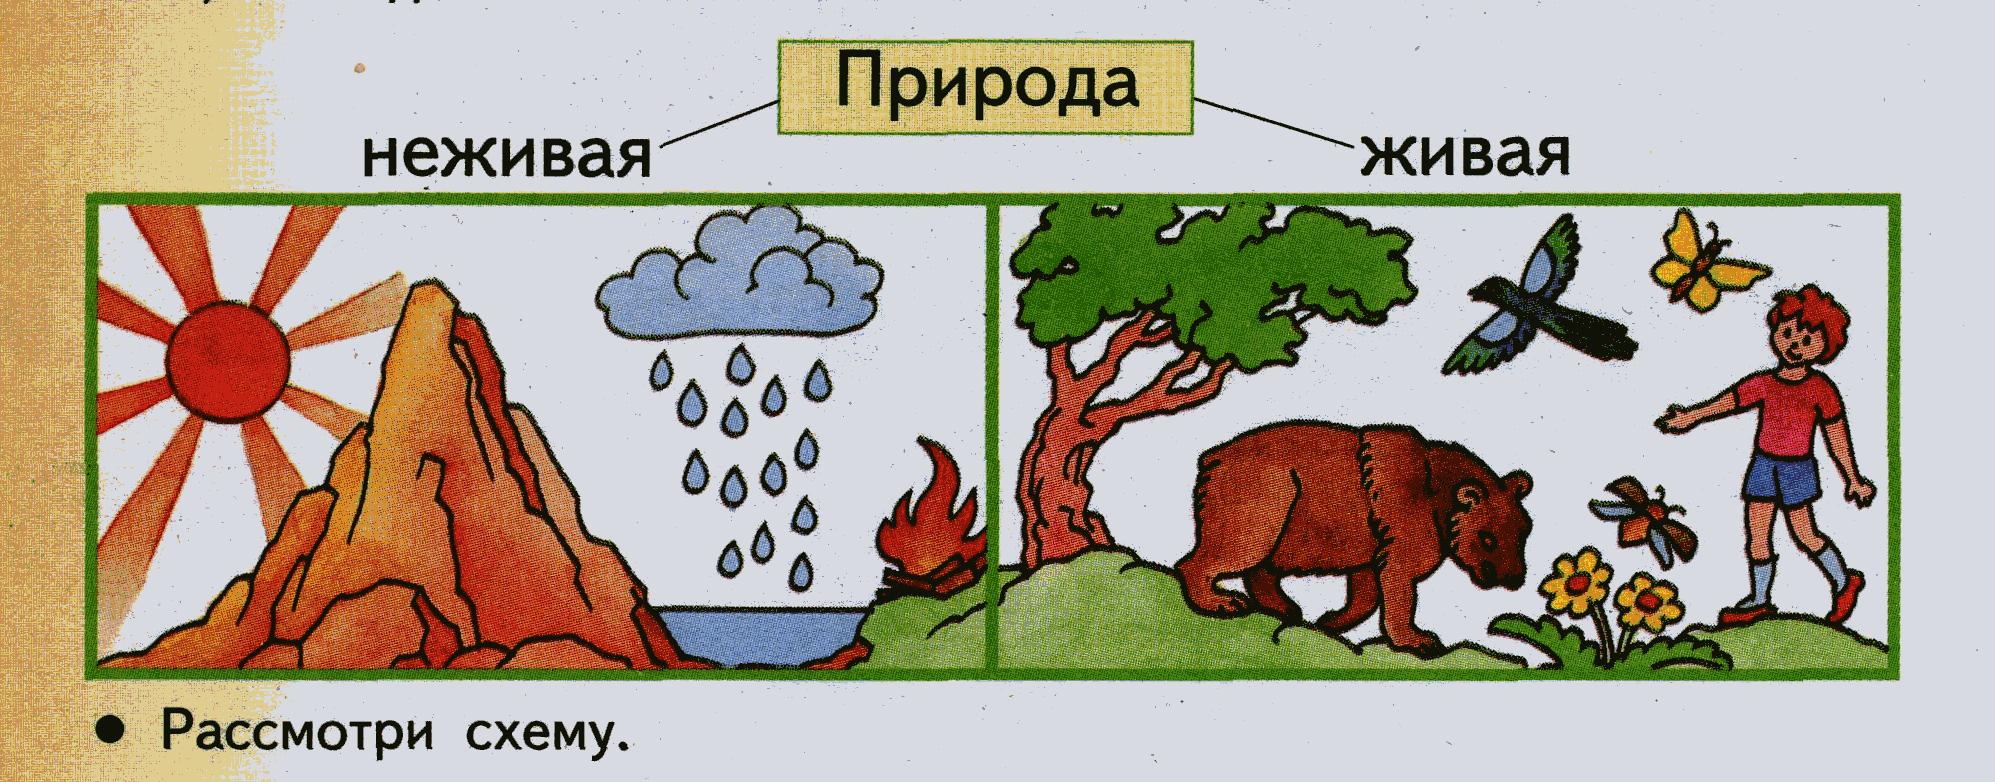 Что относится к живой природе: признаки живых организмов и их классификация